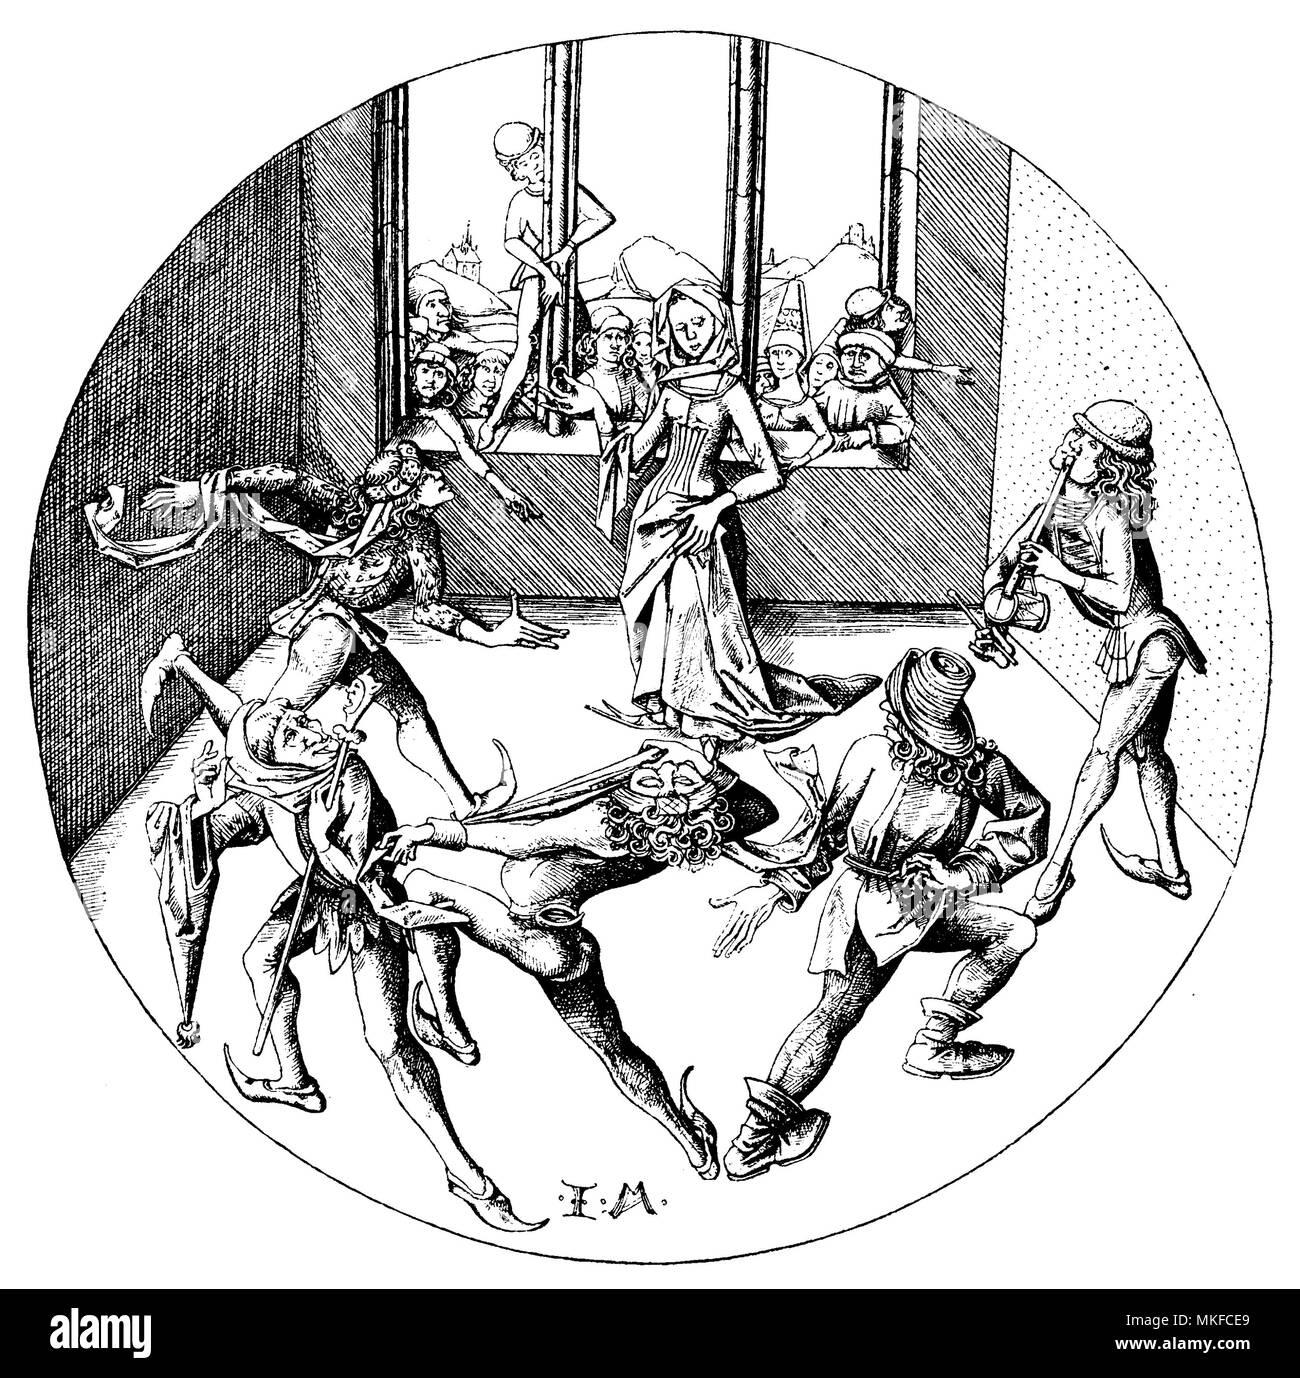 Medieval illustration 'the morris dance' by Israhel van Meckenem, German printmaker of XV century - Stock Image